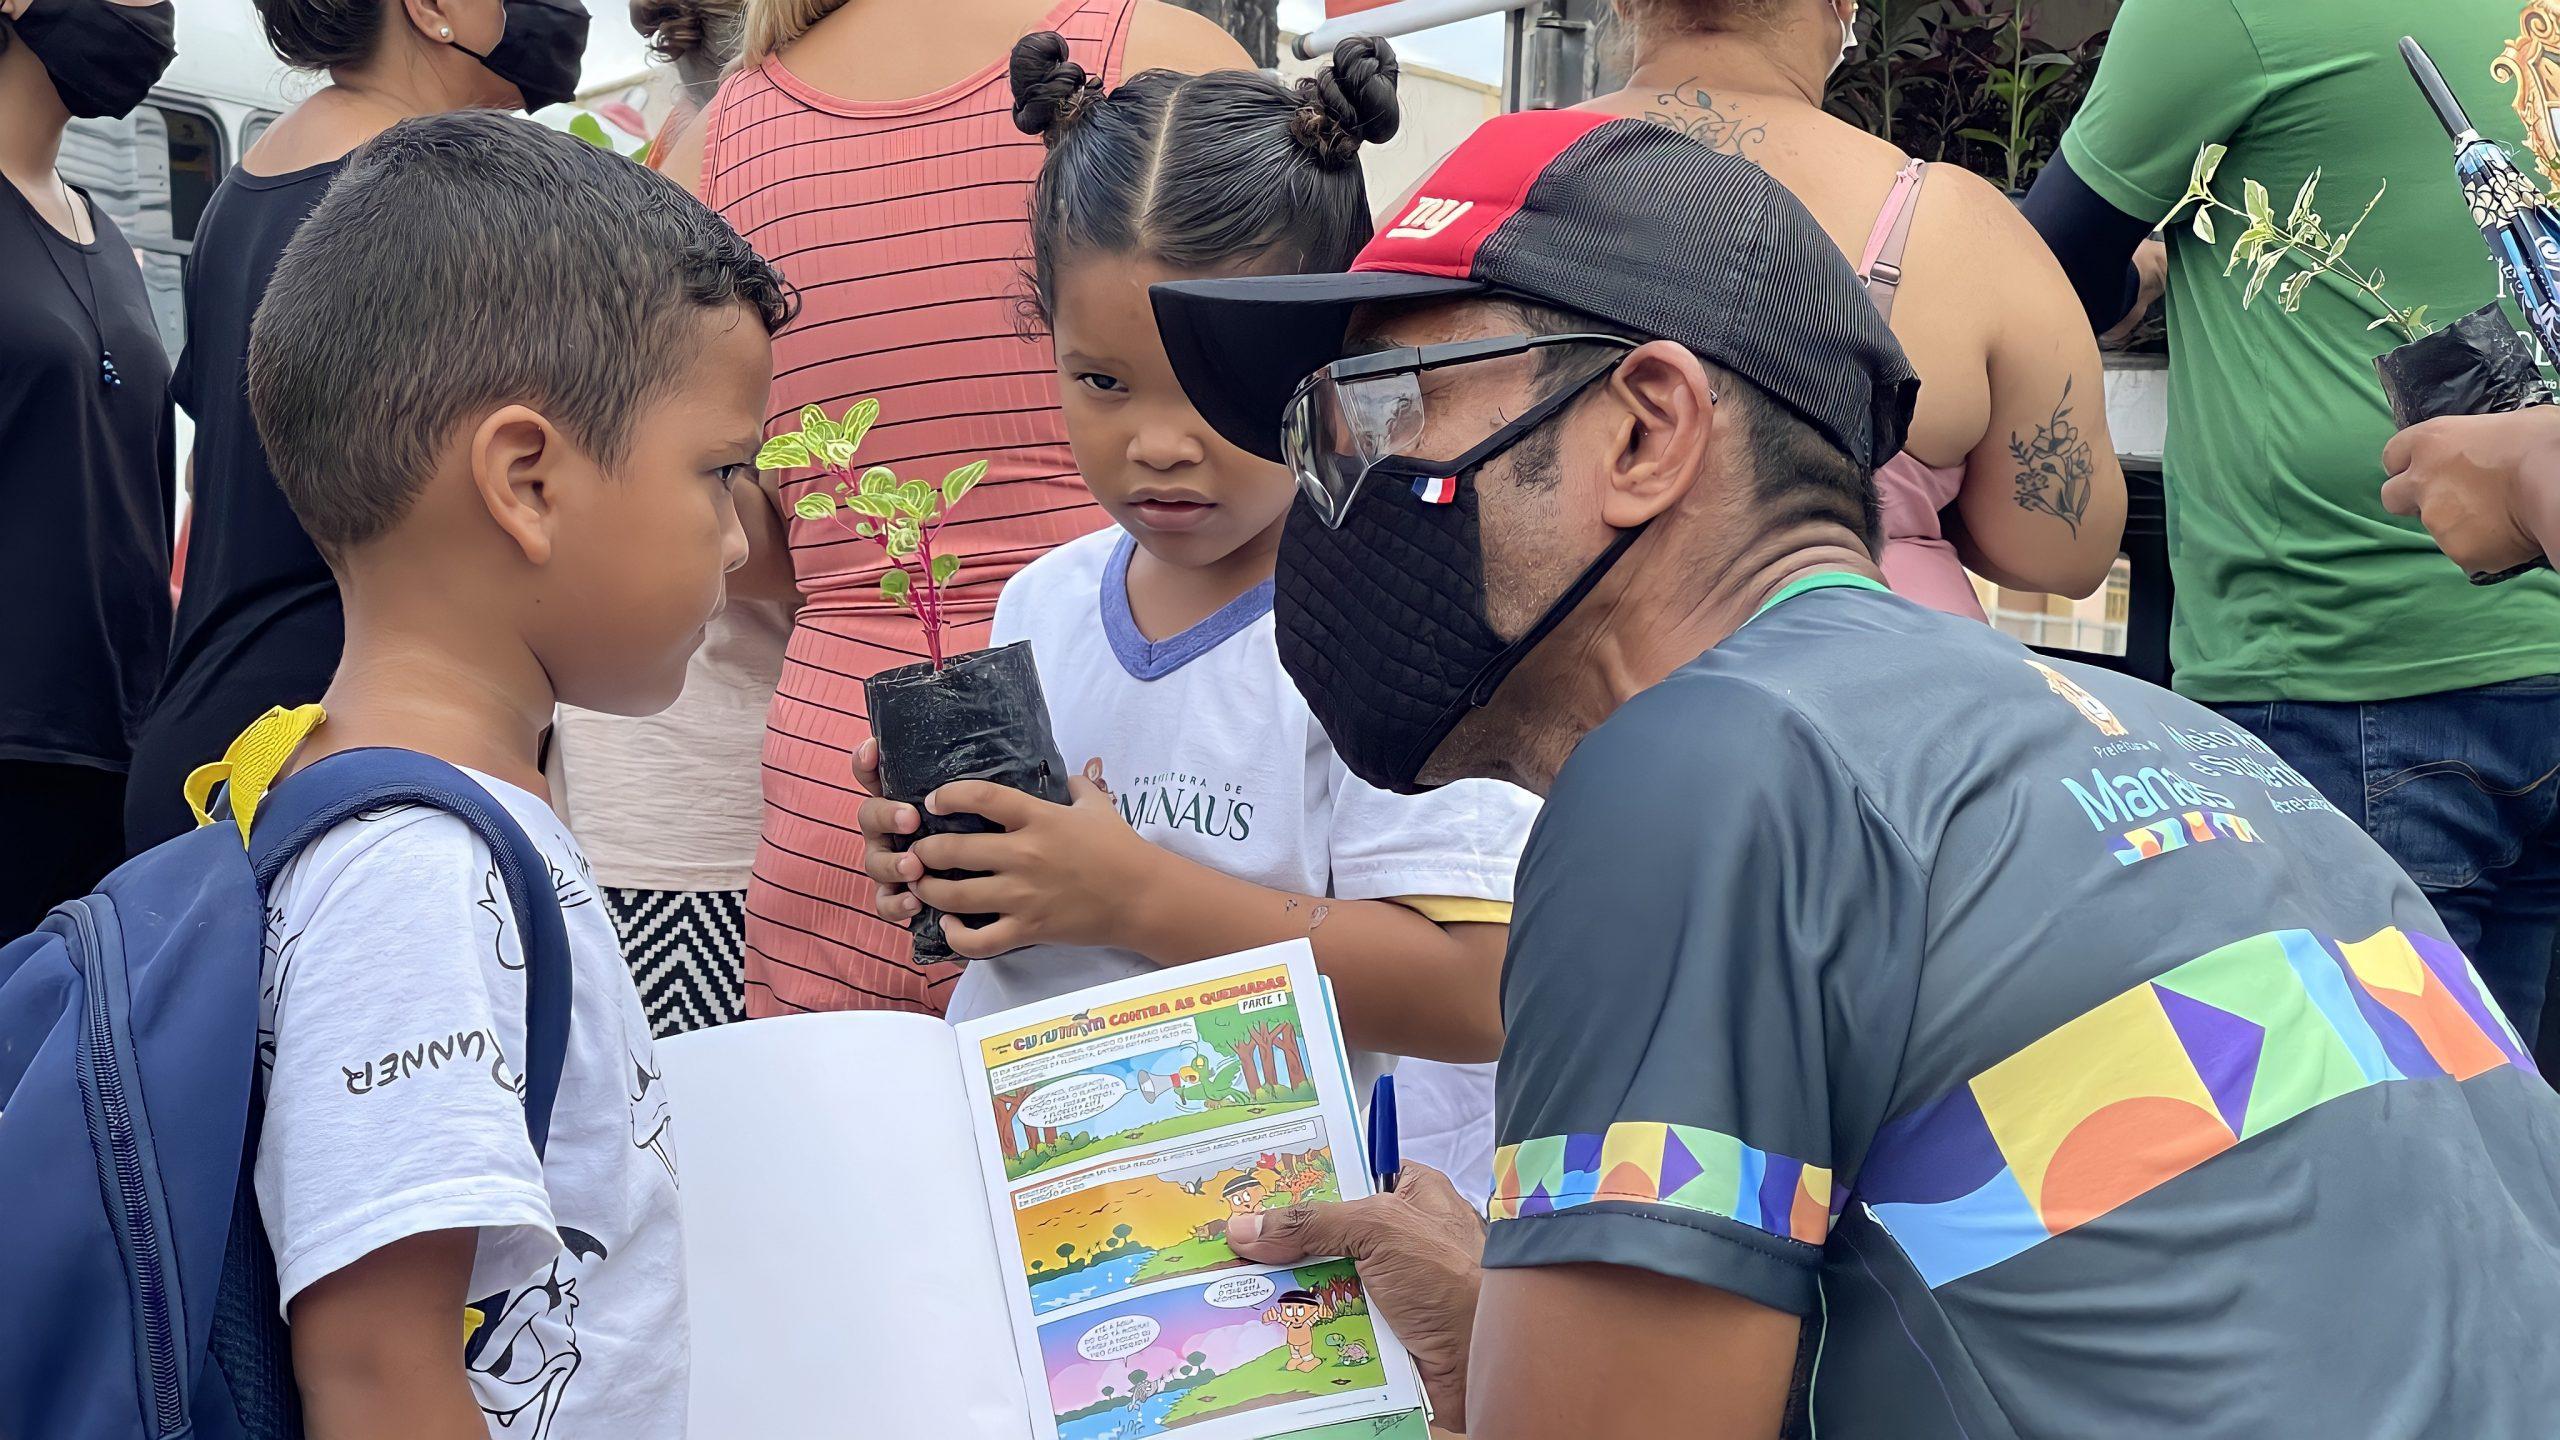 Prefeitura inicia mês de setembro com doação de mais de 800 mudas de plantas em ação do Manaus Verde